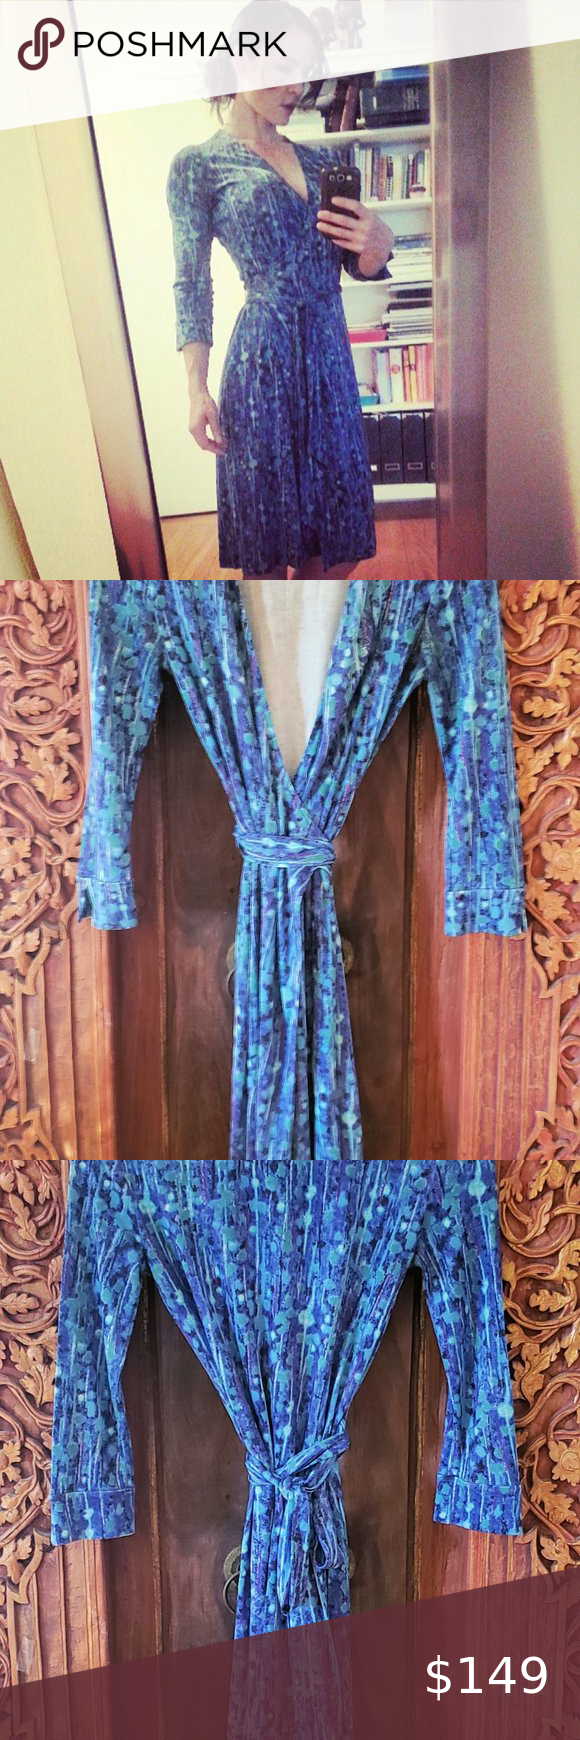 Rare Vintage Diane Von Furstenberg Silk Wrap Dress Silk Wrap Dresses Wrap Dress Dvf Wrap Dress [ 1740 x 580 Pixel ]